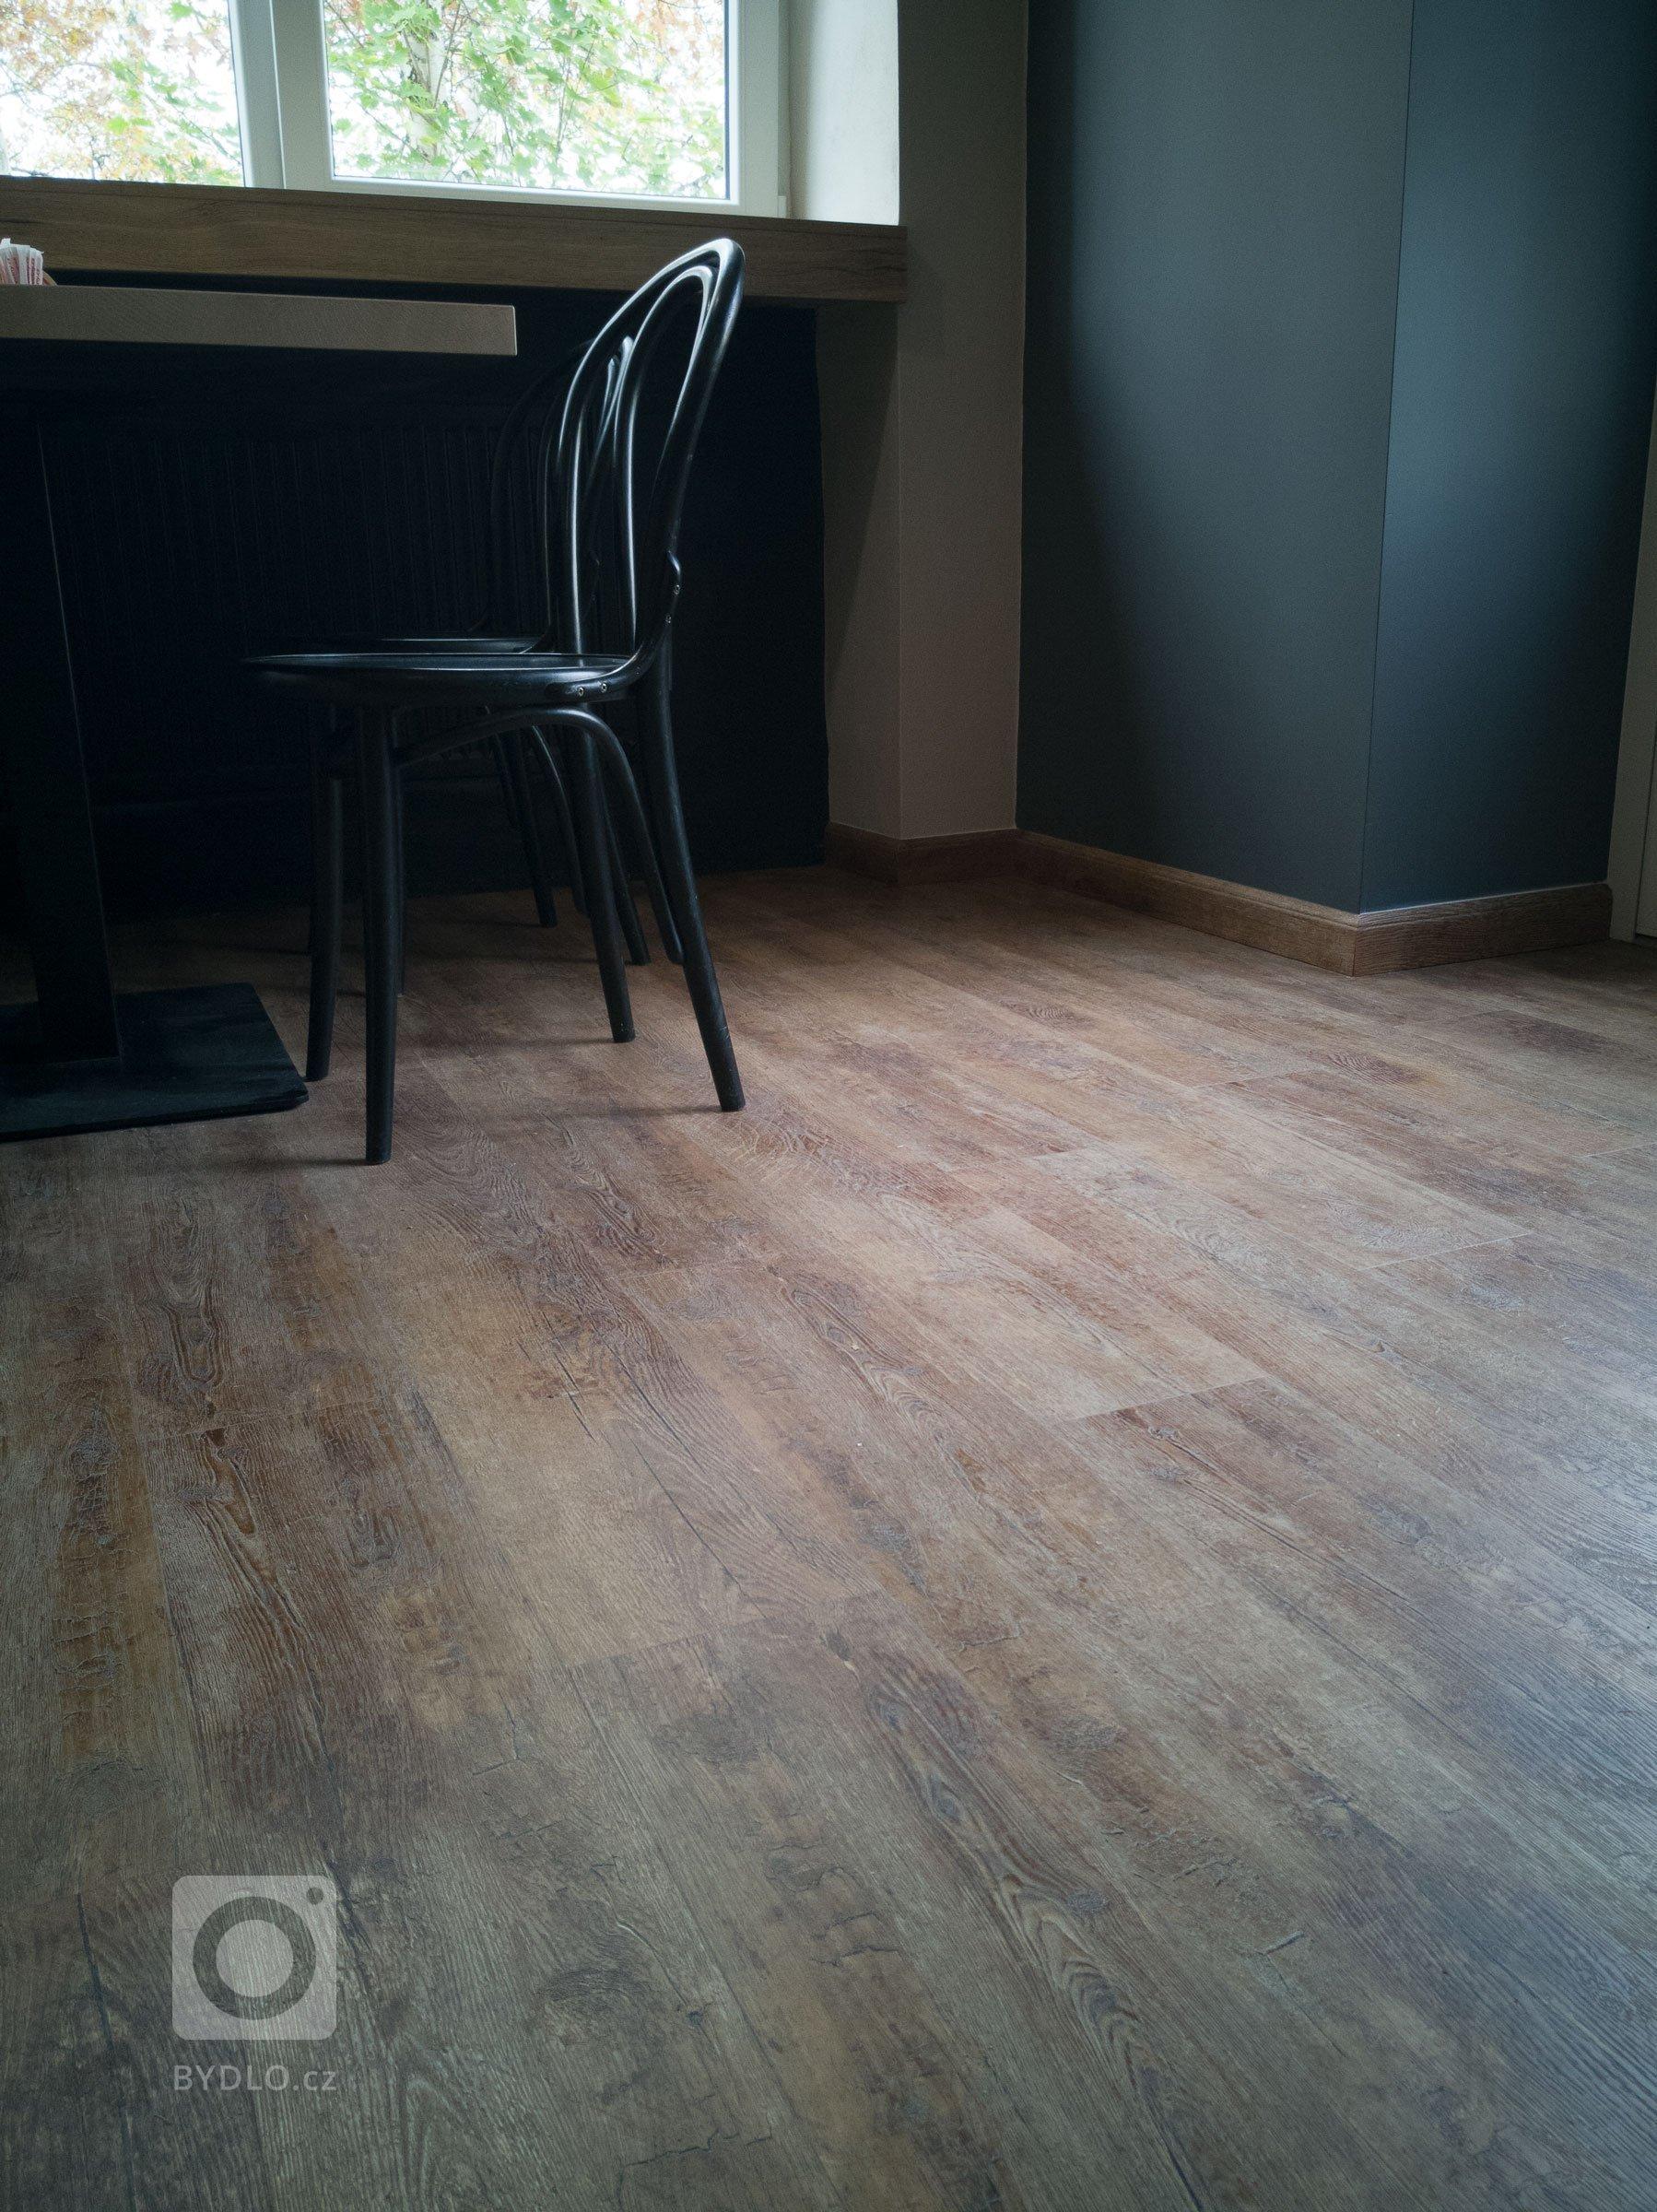 Za povšimnutí stojí taky soklové lišty s přesným dekorem podlahy, které dodávají dojem dřeva